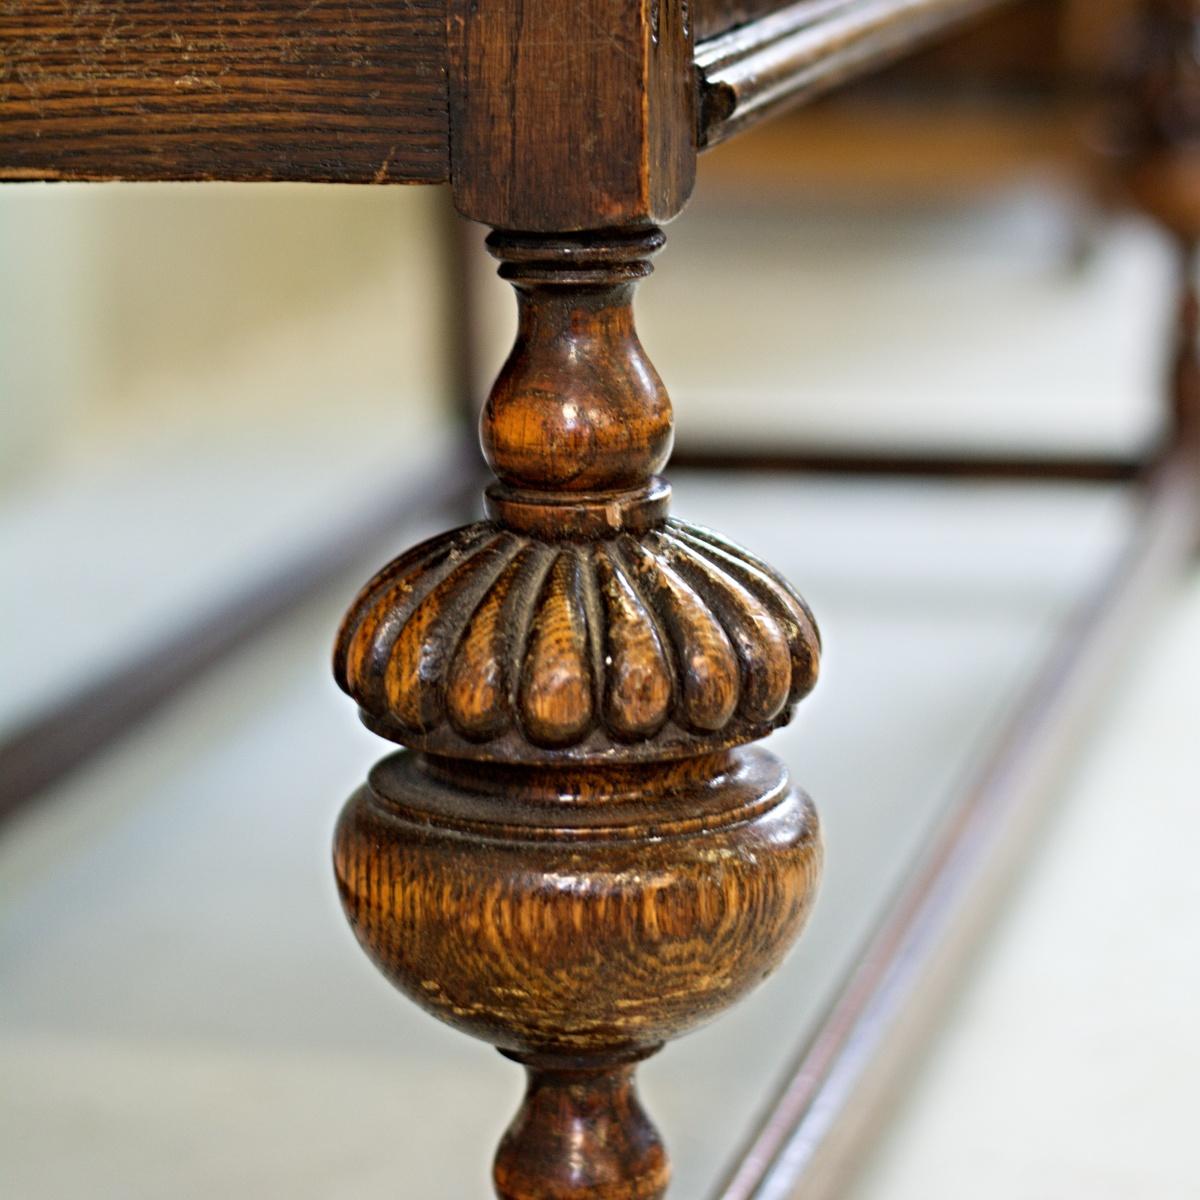 anglický dřevěný příborník vintage skříň komoda detail vyřezávané nohy